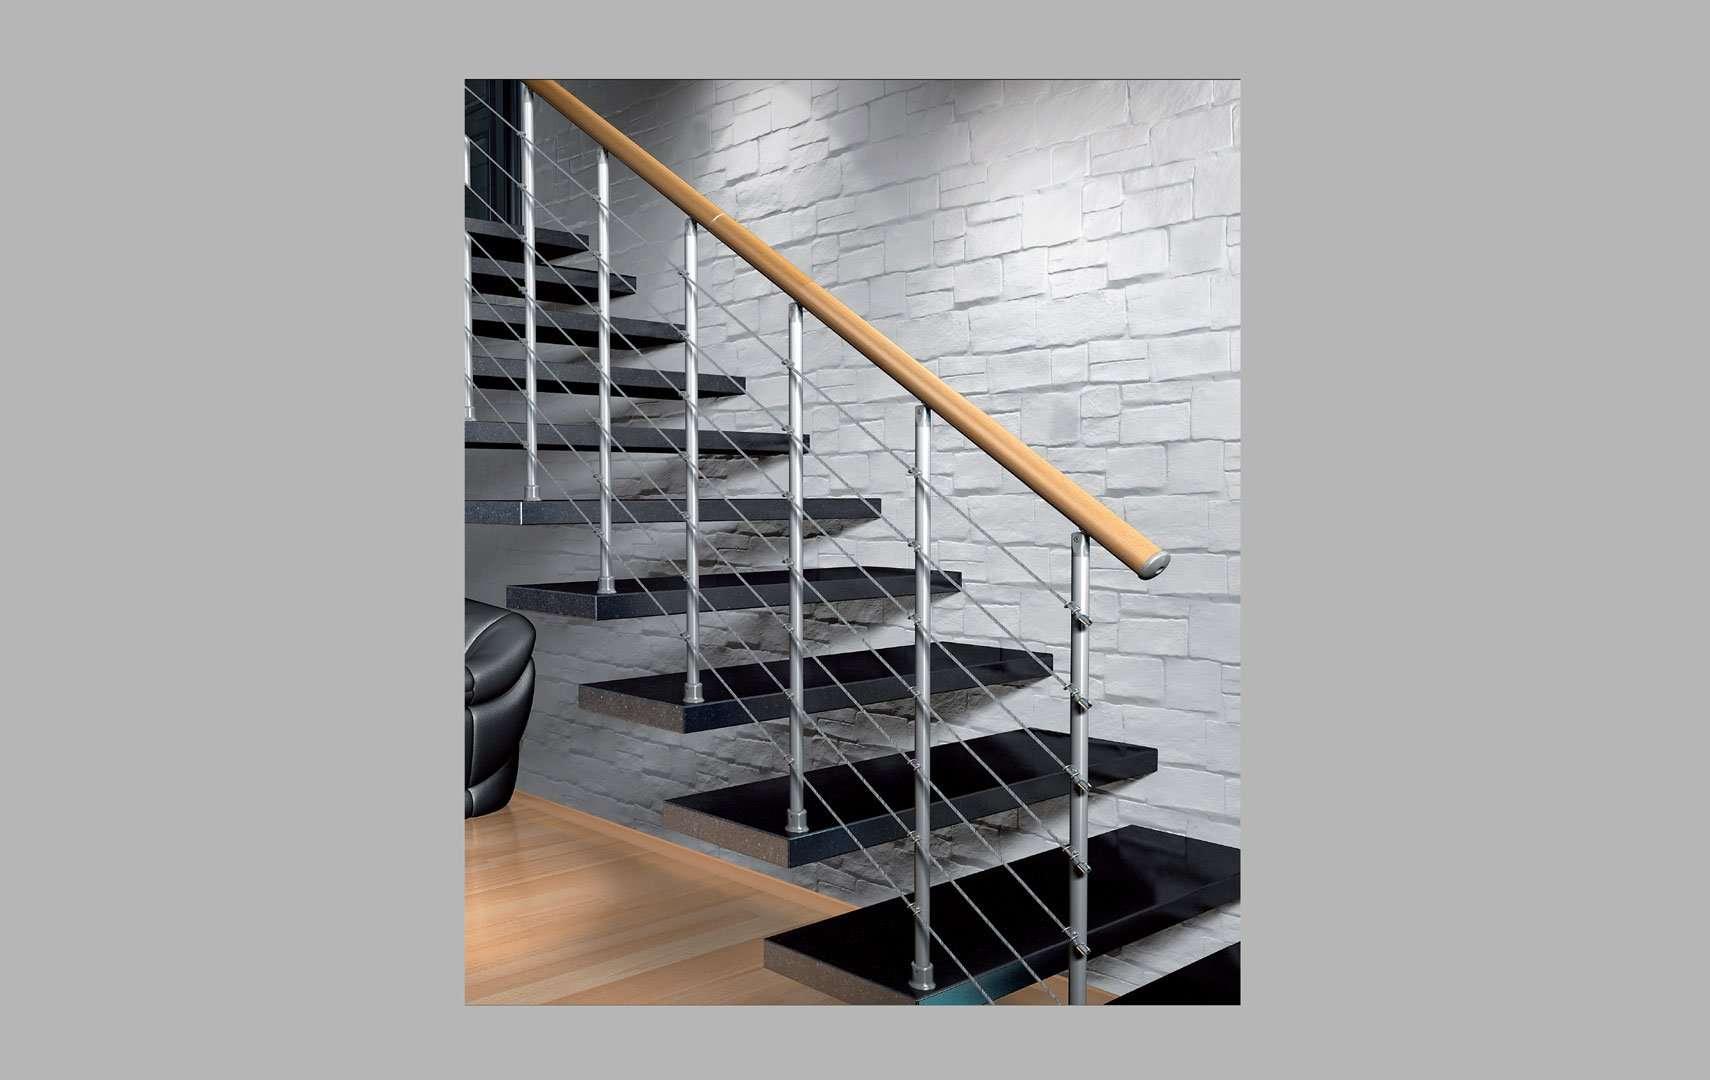 Barandillas escaleras interiores amazing hierro forjado - Barandillas escaleras modernas ...